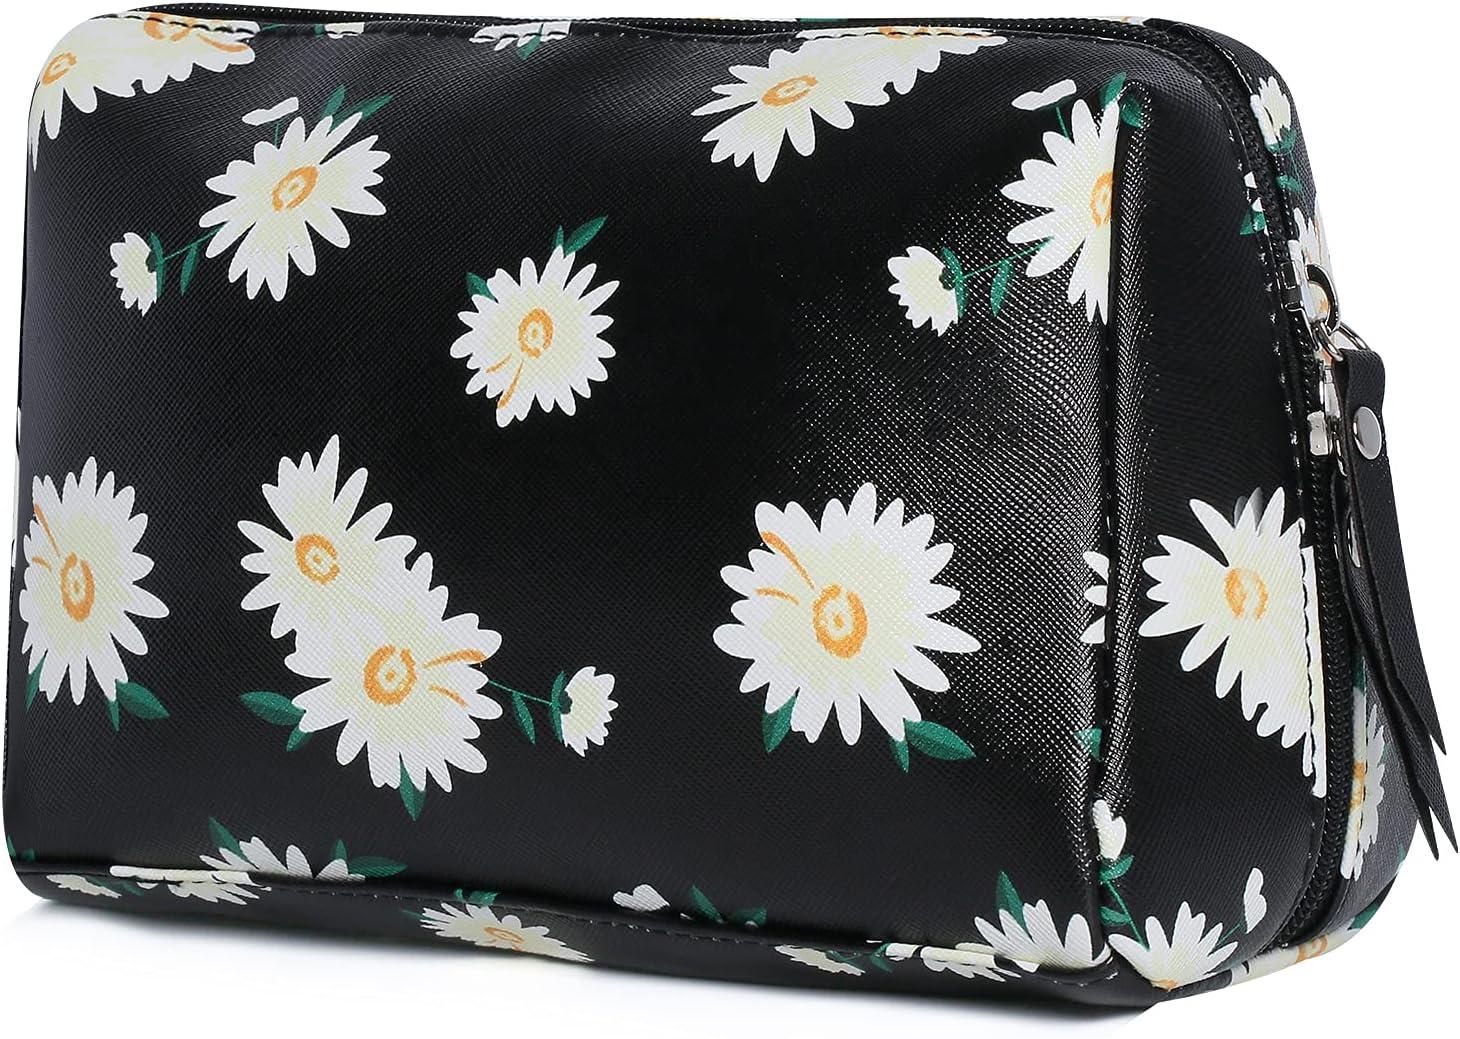 Full Size Cosmetic bag Huygens Vegan Makeup Organiz Minneapolis Mall Bag In stock Leather